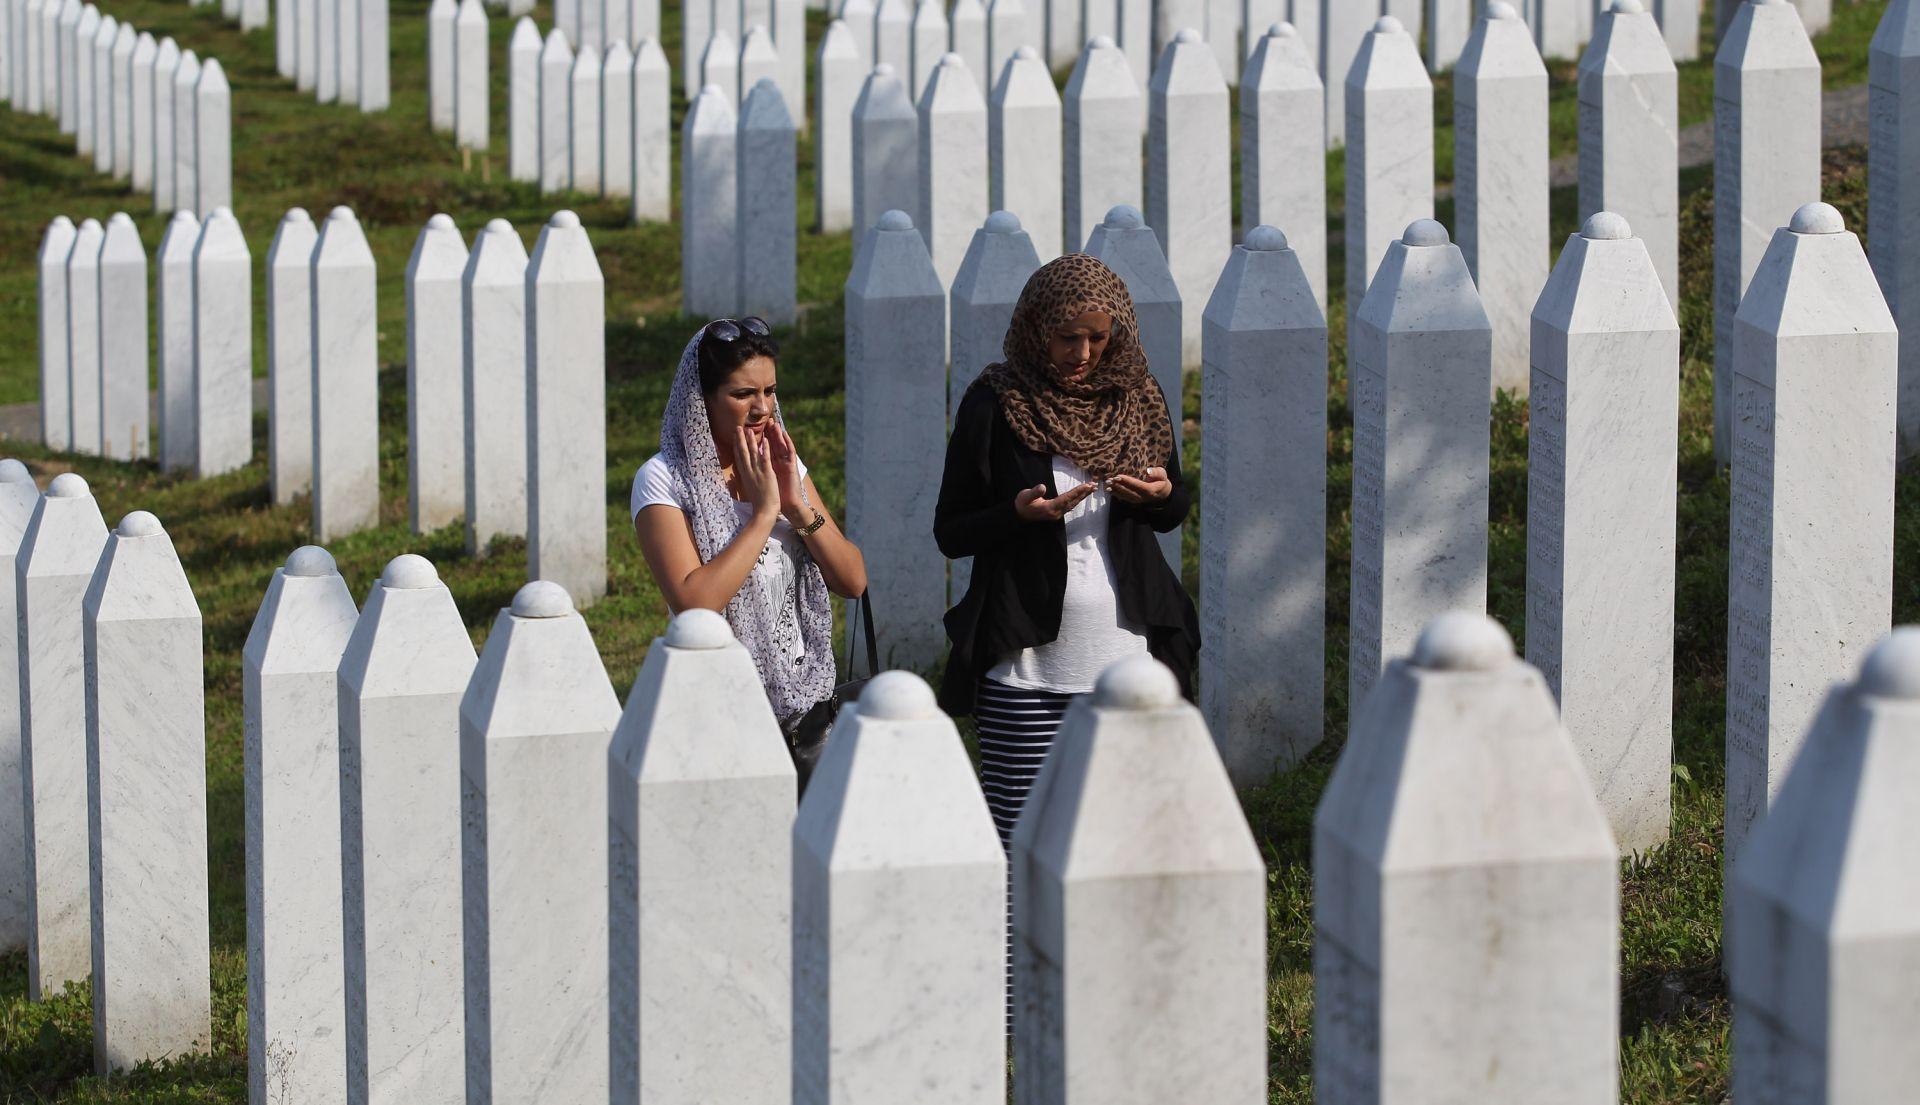 UOČI OBLJETNICE GENOCIDA: Hrvatski ultramaratonci stigli u Srebrenicu